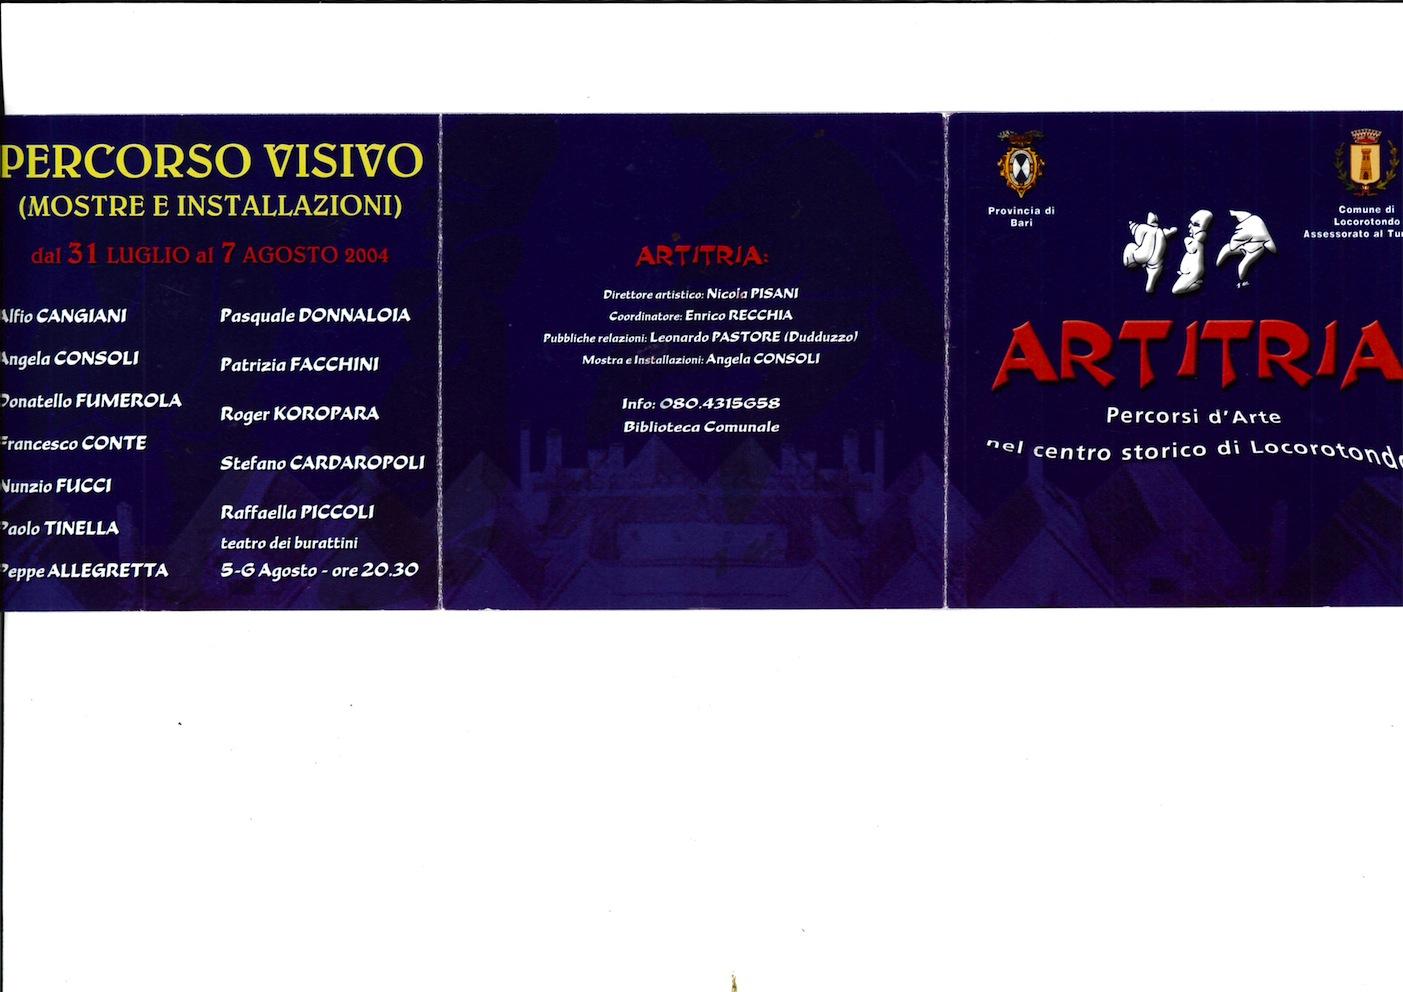 200408_Artitria_b